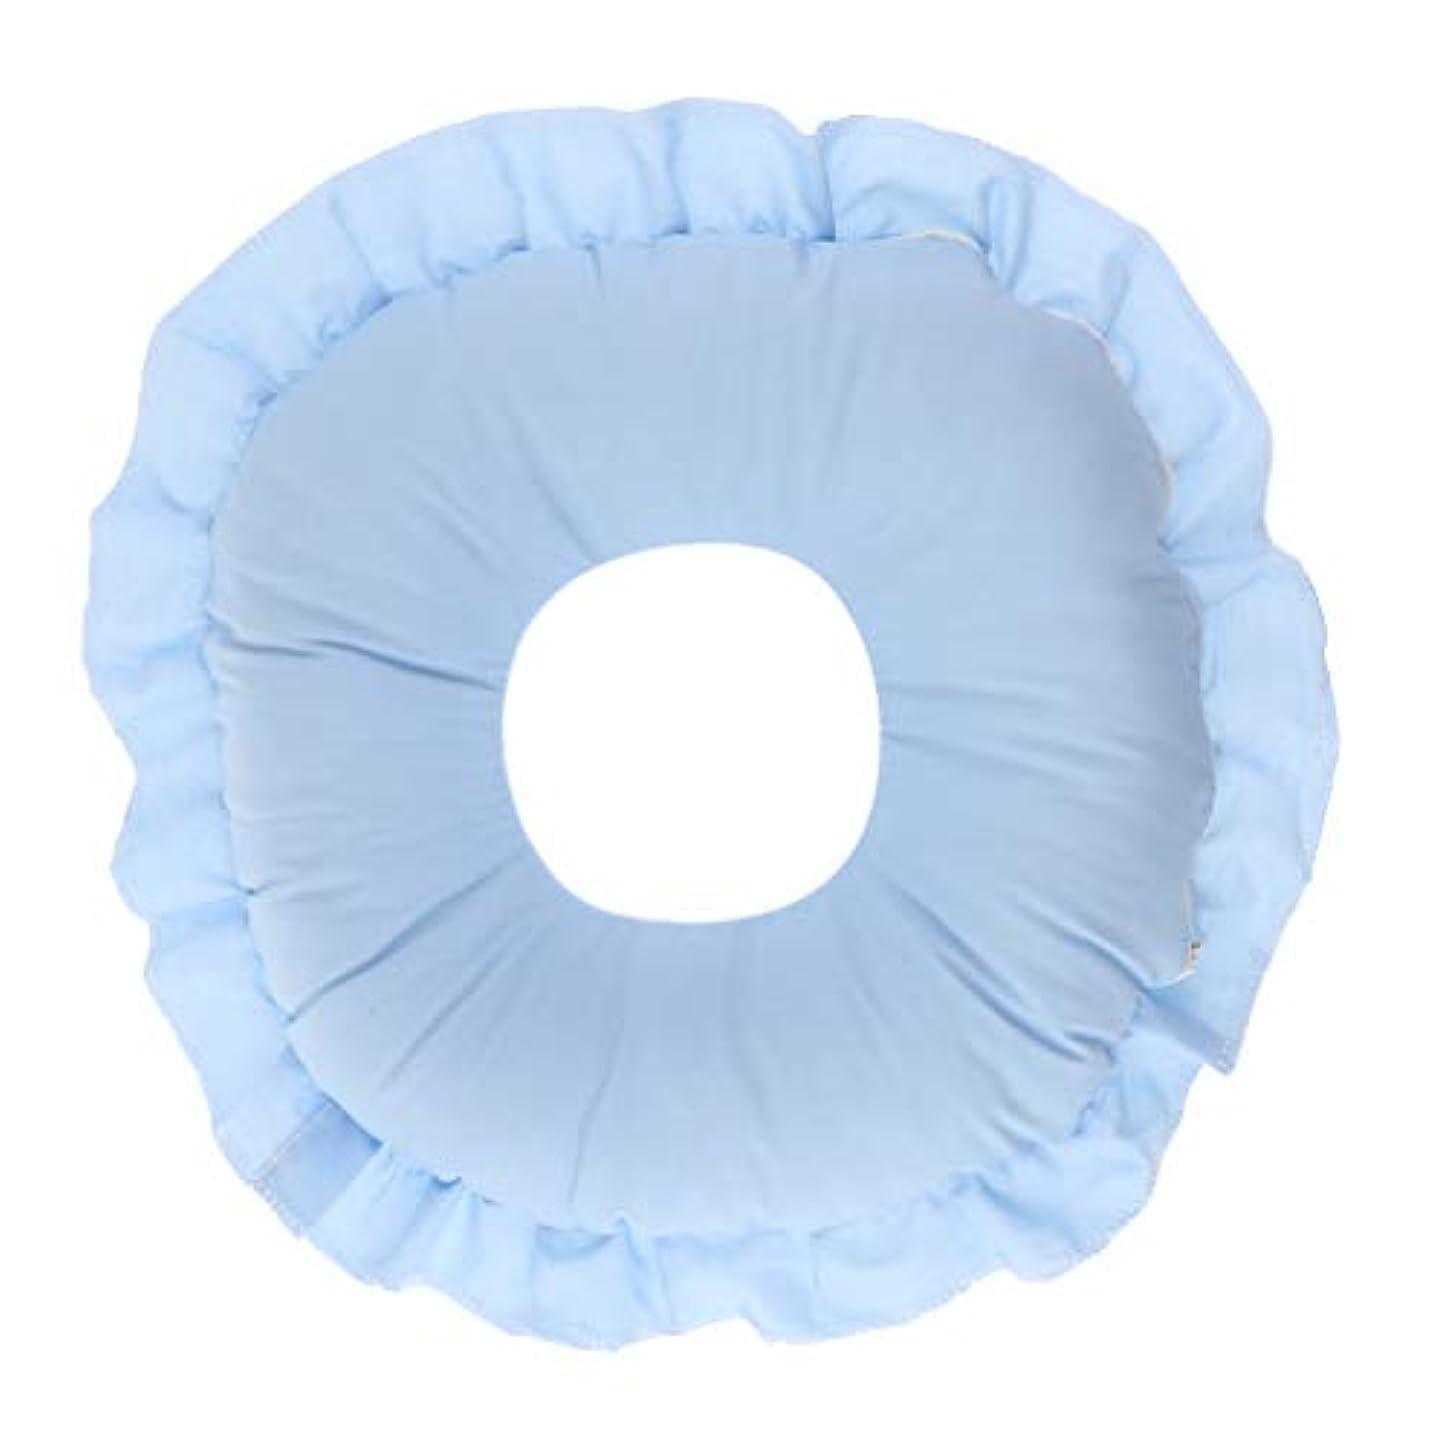 姉妹素晴らしき早めるフェイスピロー 顔枕 マッサージ枕 フェイスクッション ソフト 洗えるカバー 全3色 - 青